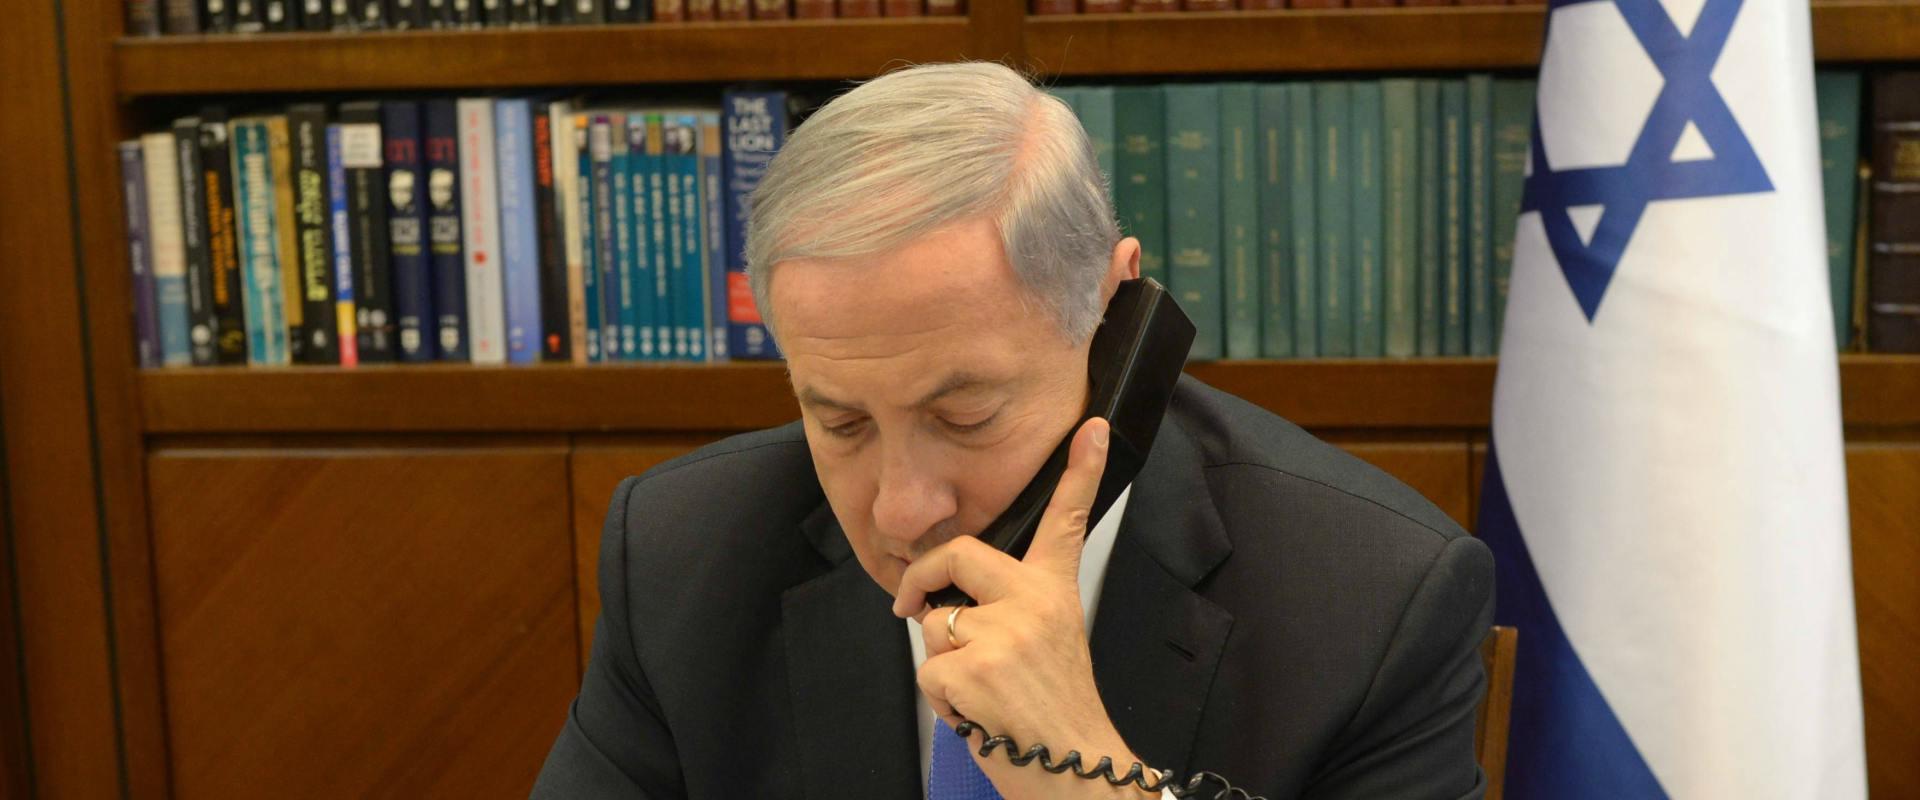 נתניהו משוחח בטלפון בלשכתו